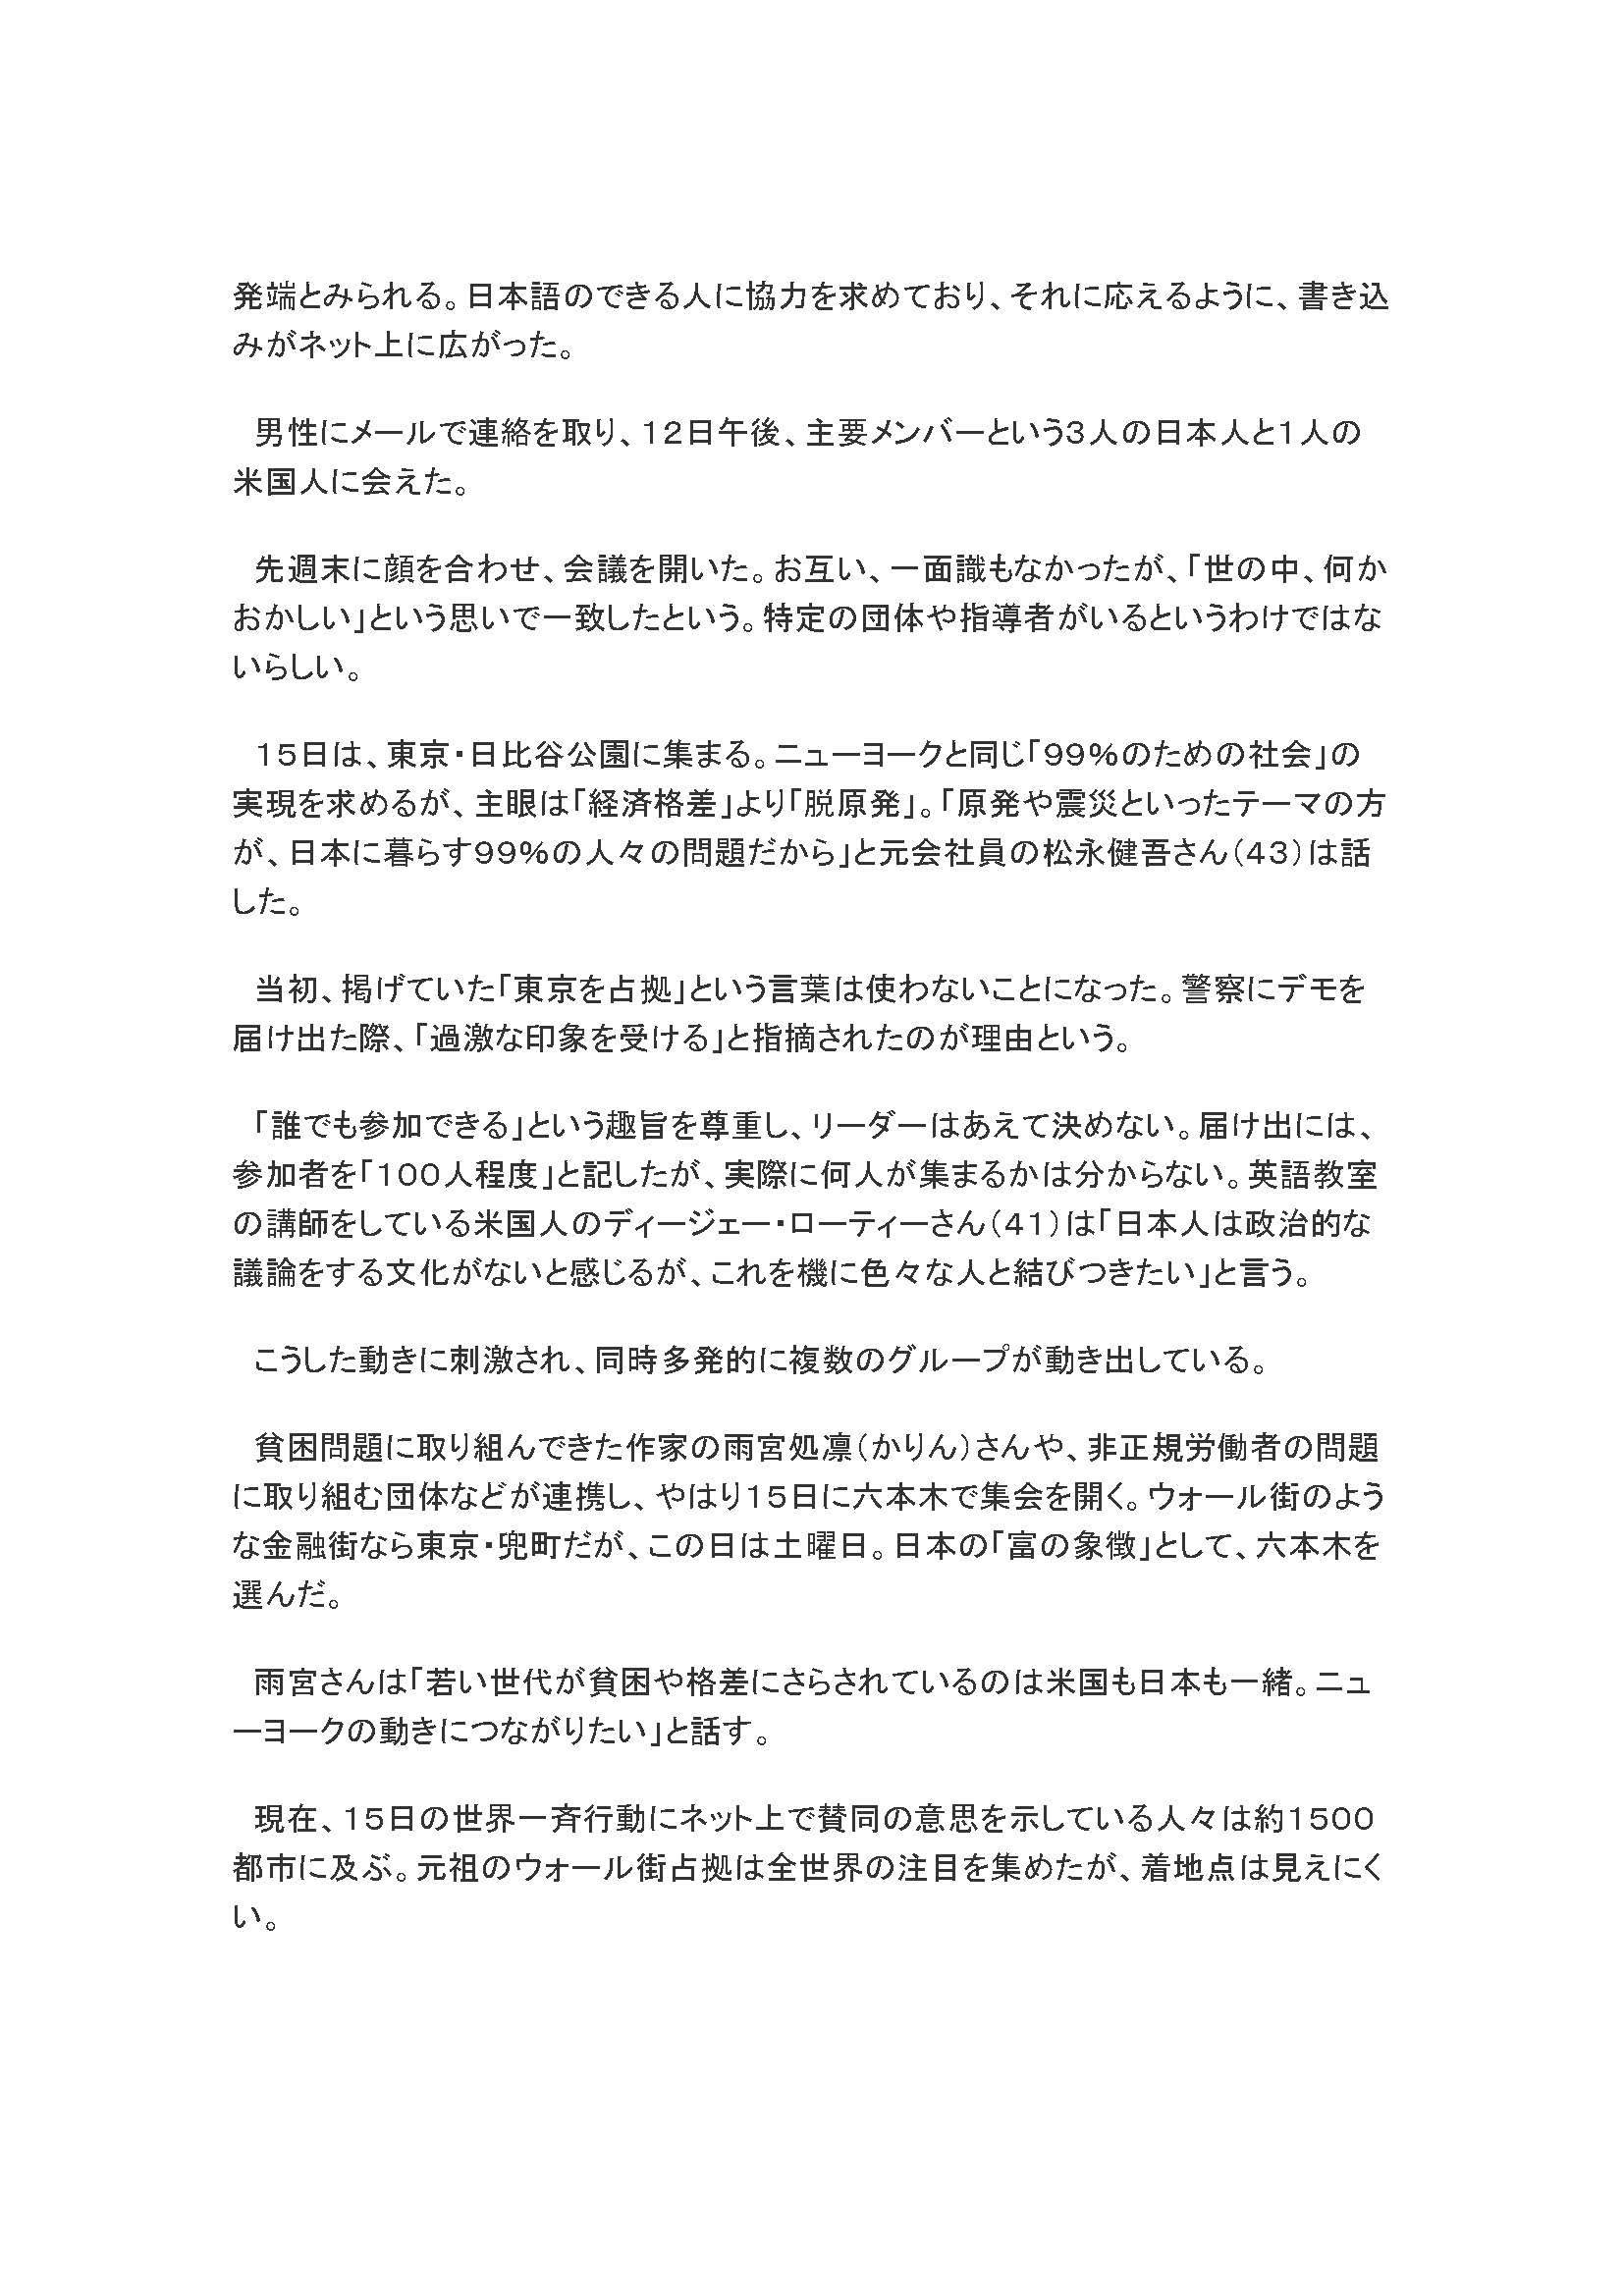 あさひにゅーすニュース_ページ_2